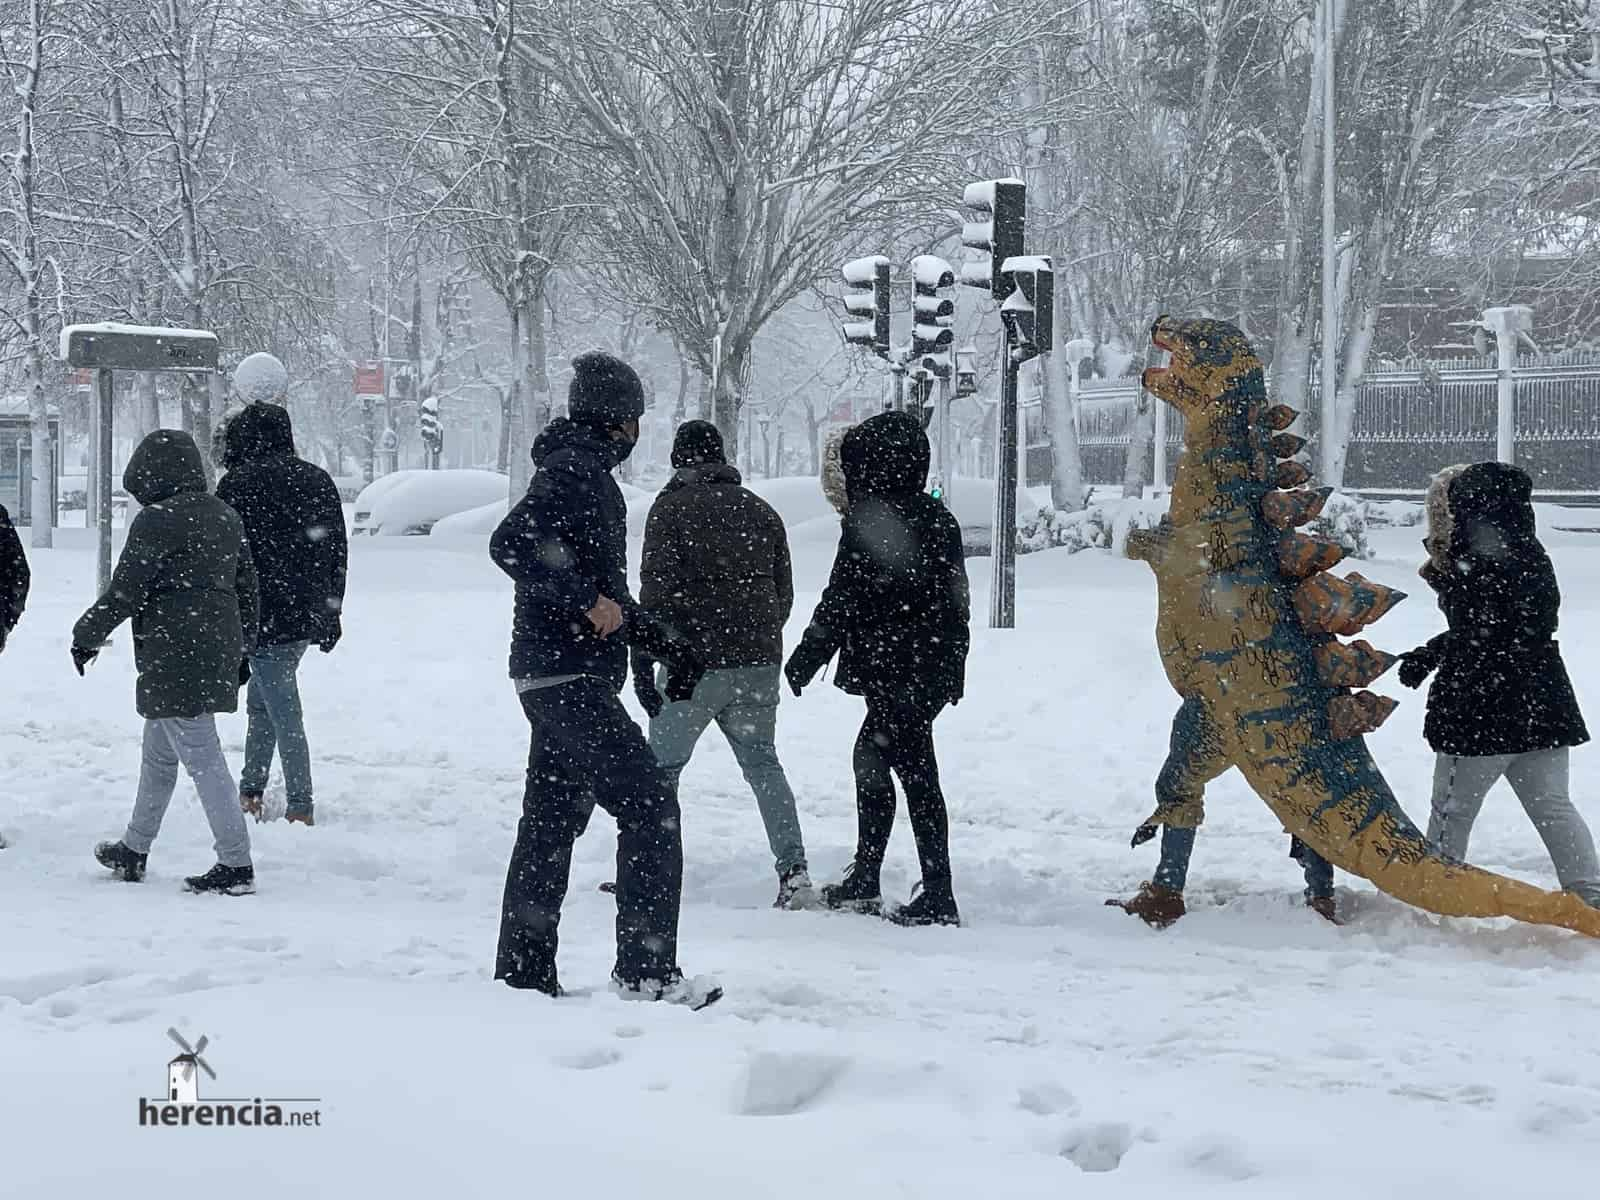 Fotografías de la nevada de enero en Madrid (España) 126